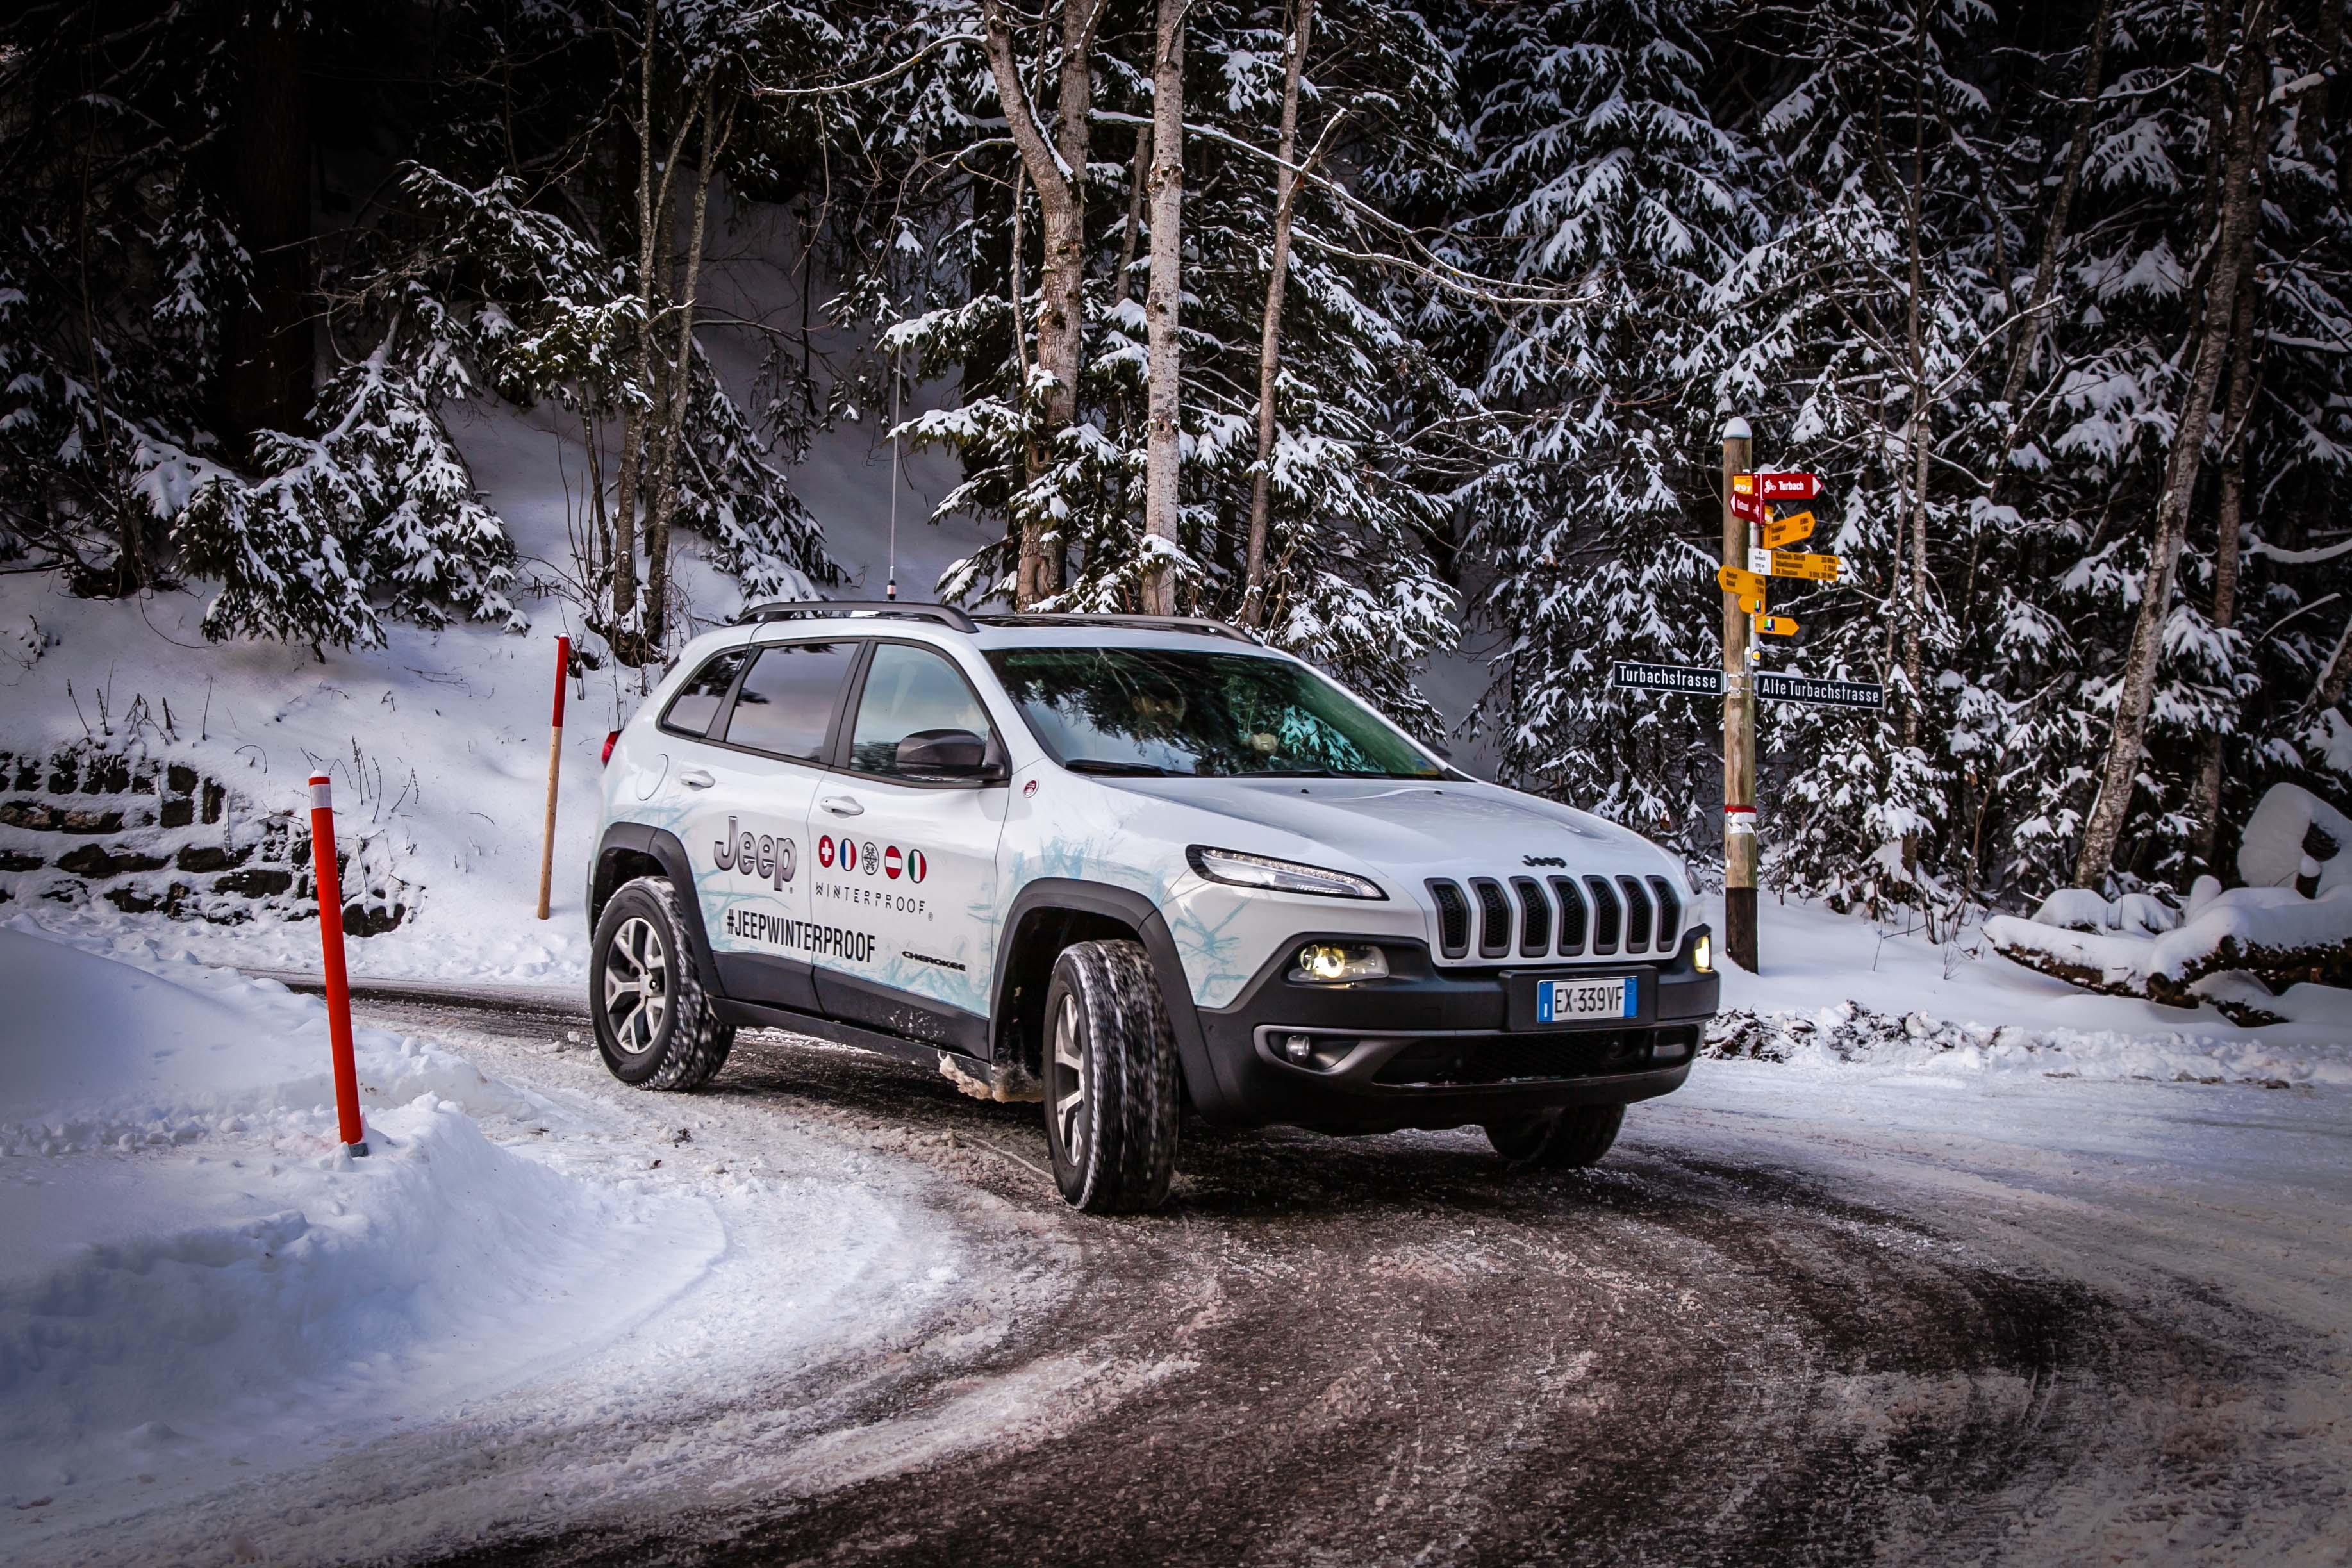 Braucht mein 4×4-Fahrzeug wirklich Winterreifen?